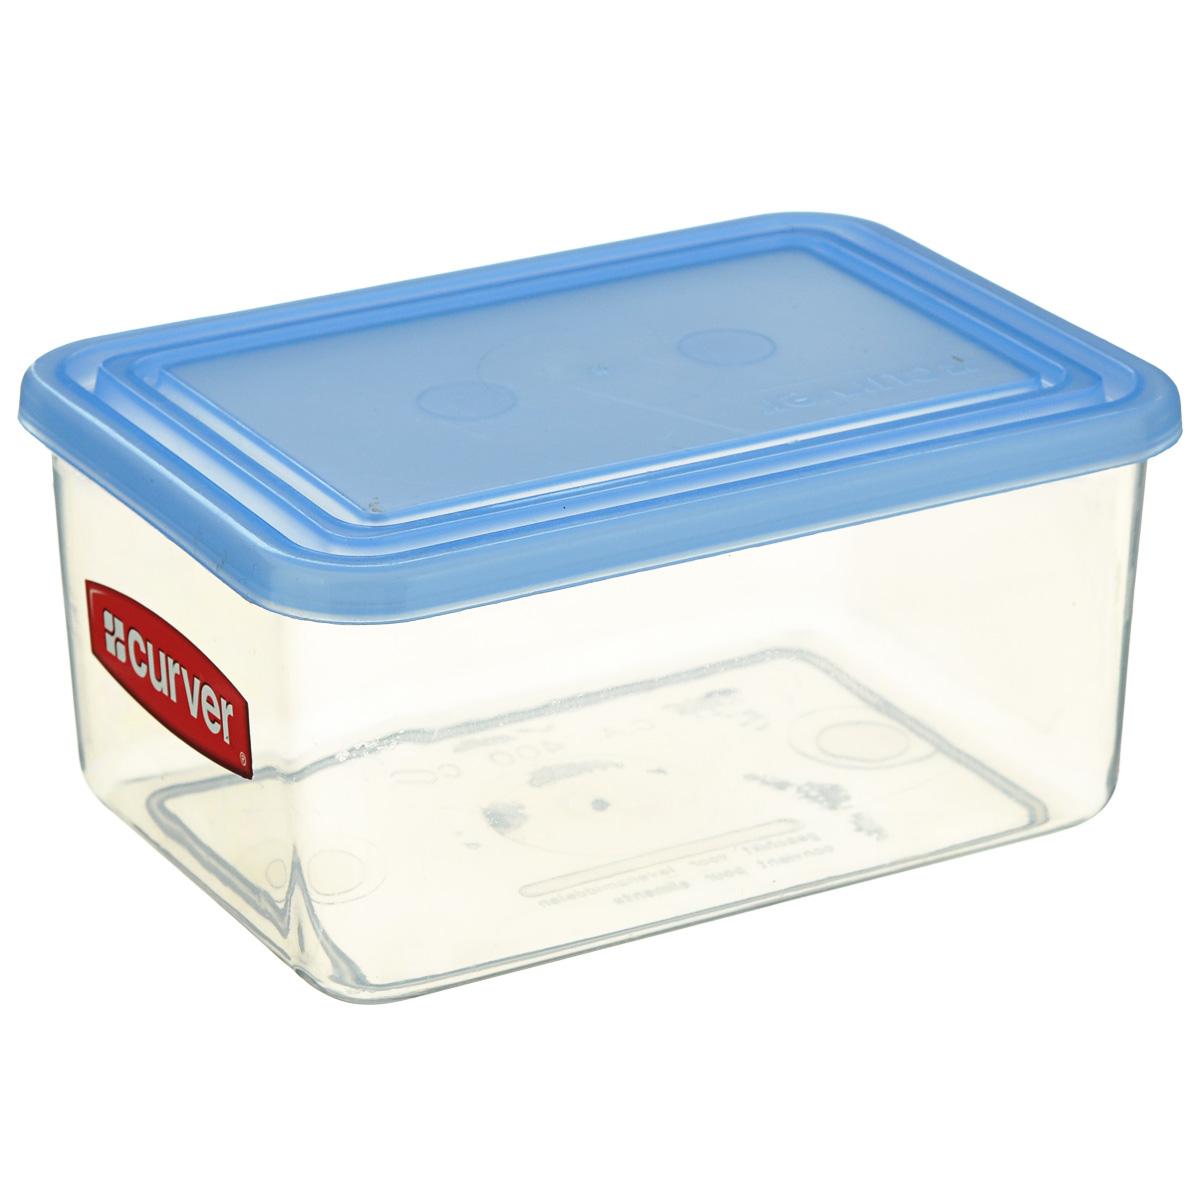 Емкость для заморозки и СВЧ Curver, цвет: голубой, 1,2 л емкость для заморозки и свч curver fresh